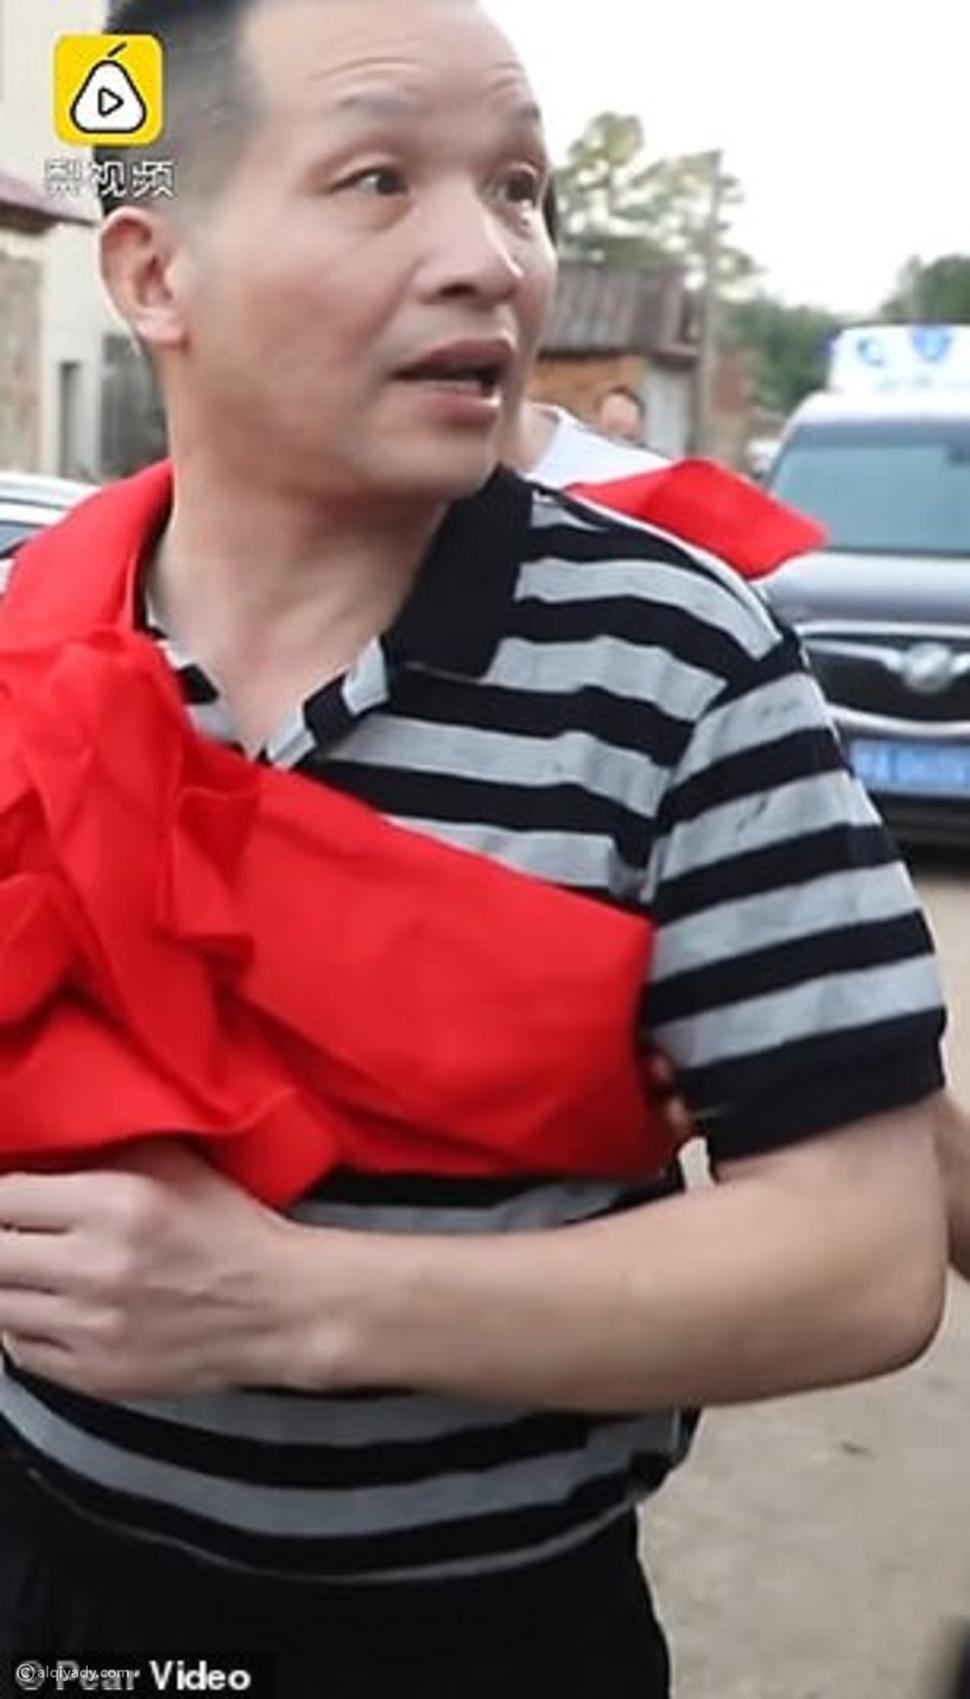 بعد 27 سنة سجن: براءة رجل من جريمة قتل